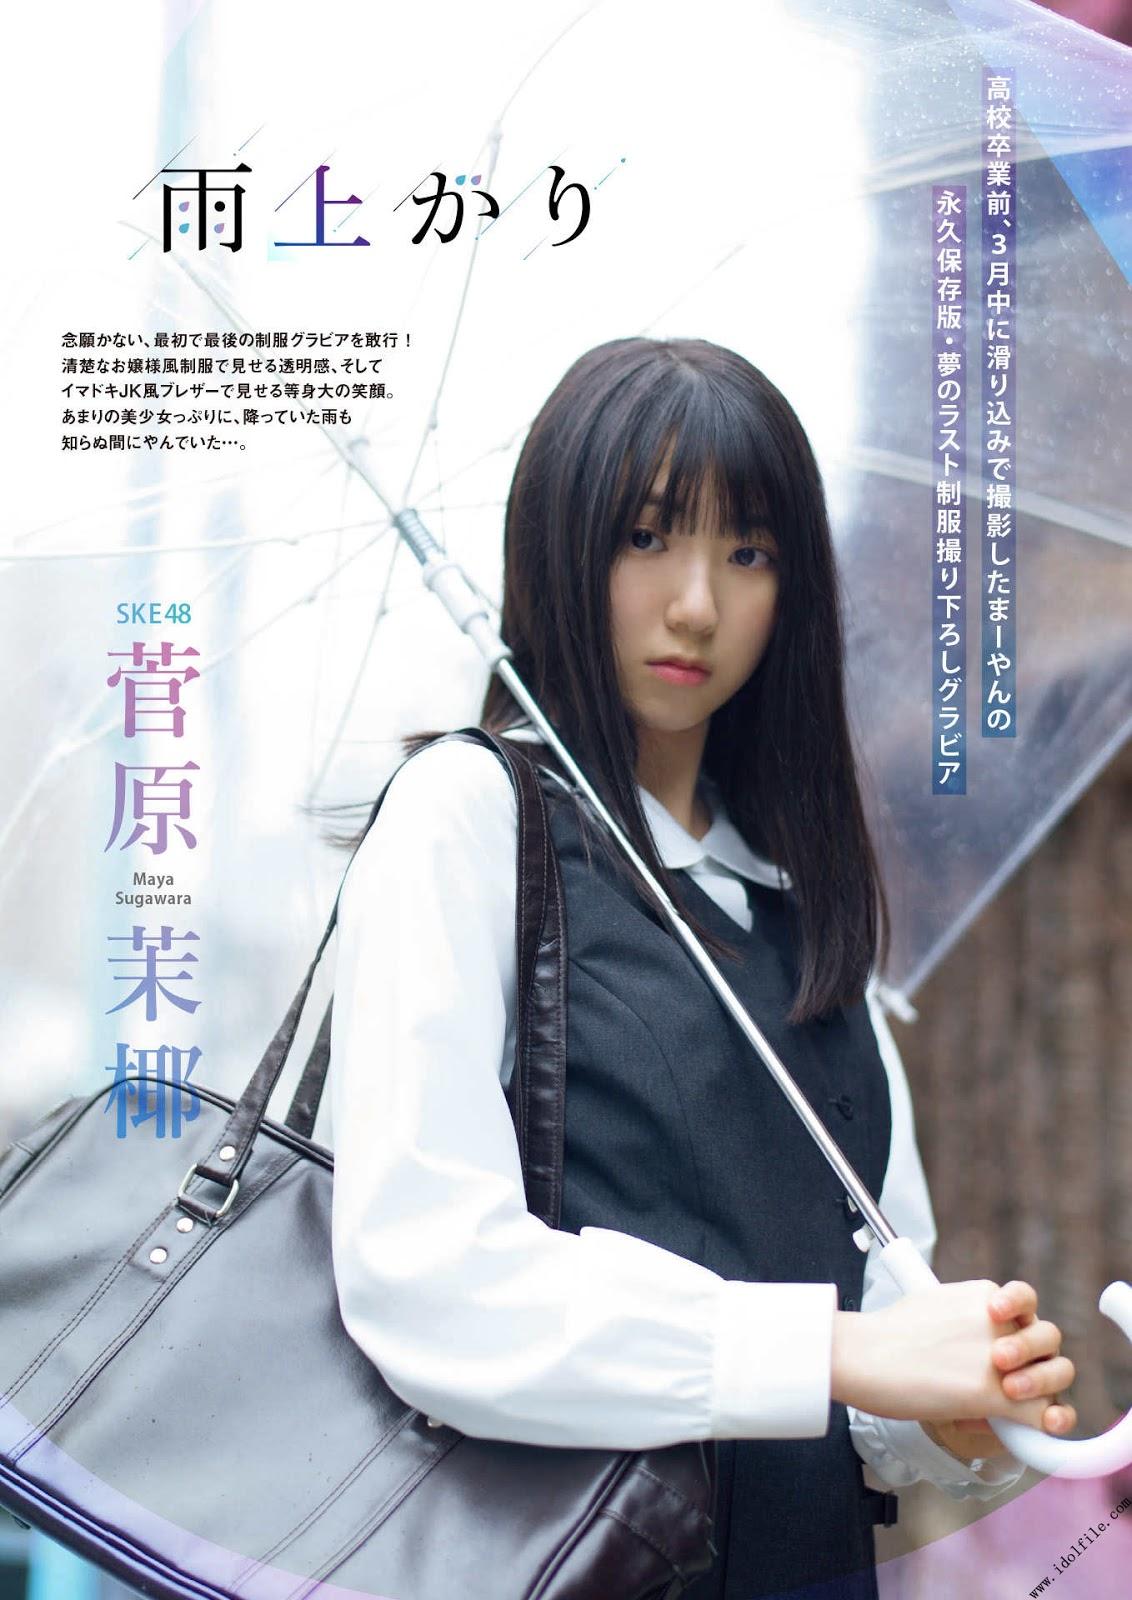 Sugawara Maya 菅原茉椰, FLASHスペシャルグラビアBEST 2018GW号 SKE48